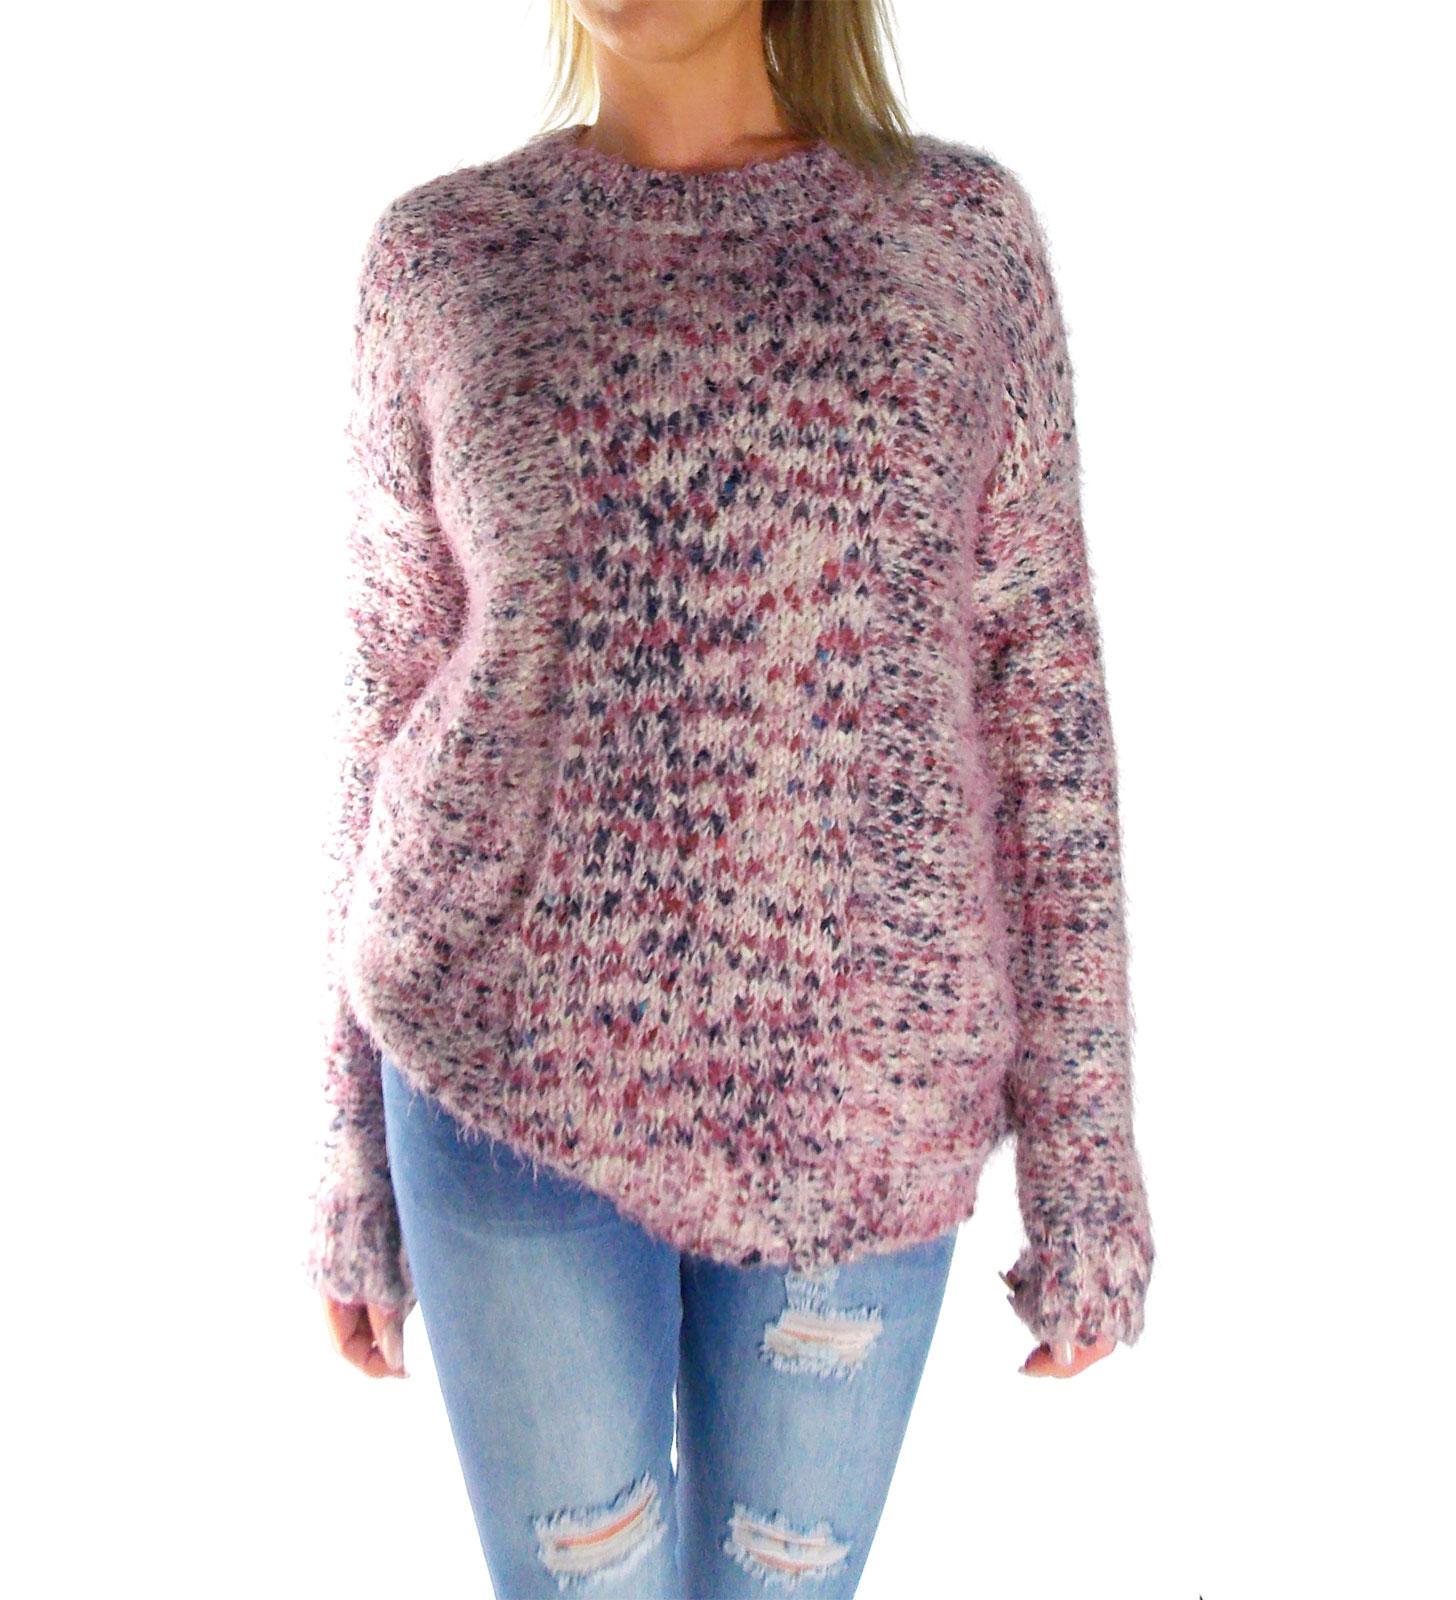 online store 7ce18 a2680 Damen Langarm Grob-Strick-Pullis in rosa meliert kuschelweich vorne kurz  hinten lang